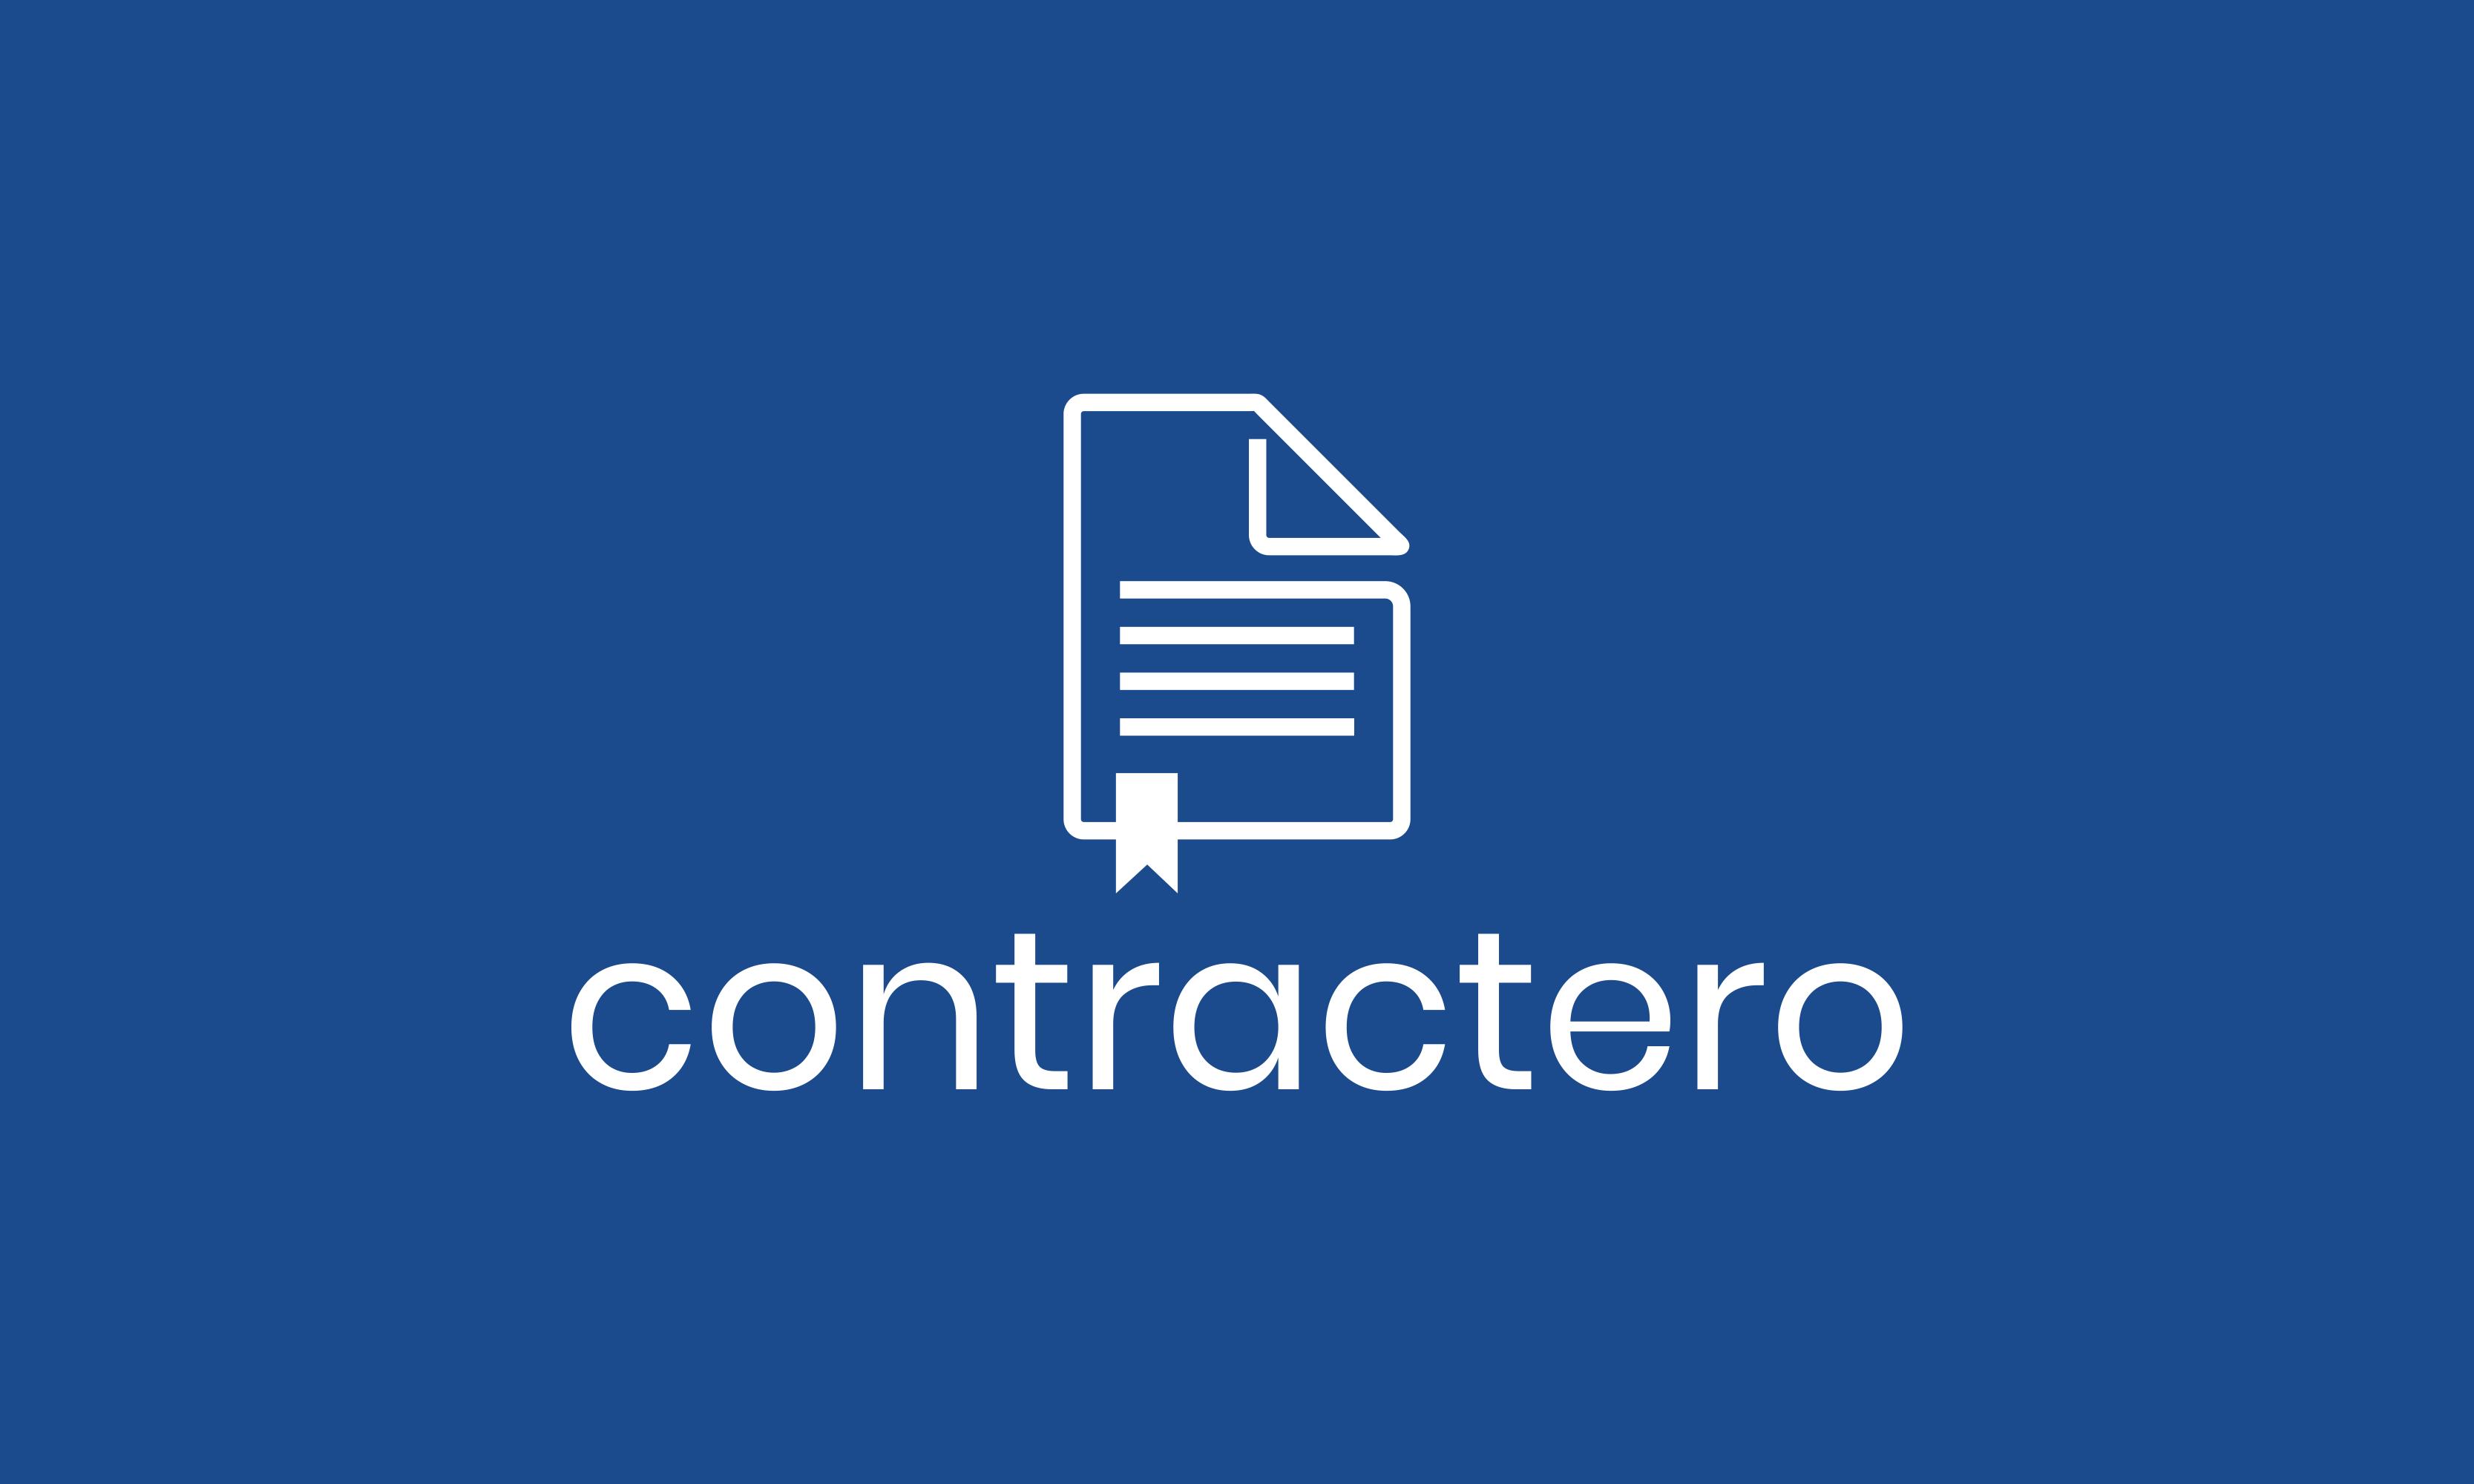 Contractero